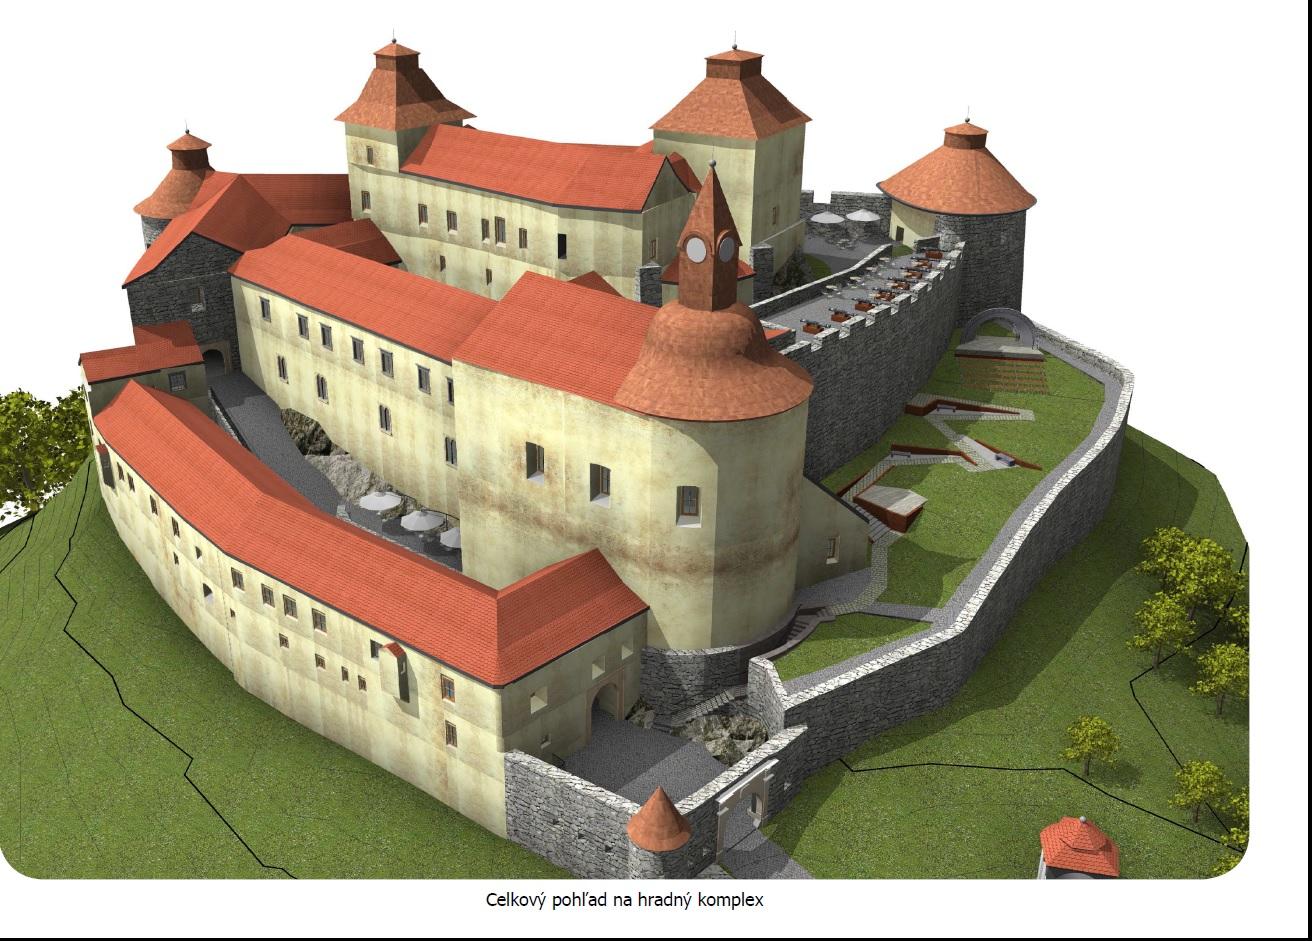 Vizualizácia, celkový pohľad na hrad Krásna Hôrka. Autor návrhu: Ing. arch. Peter Kucharovič